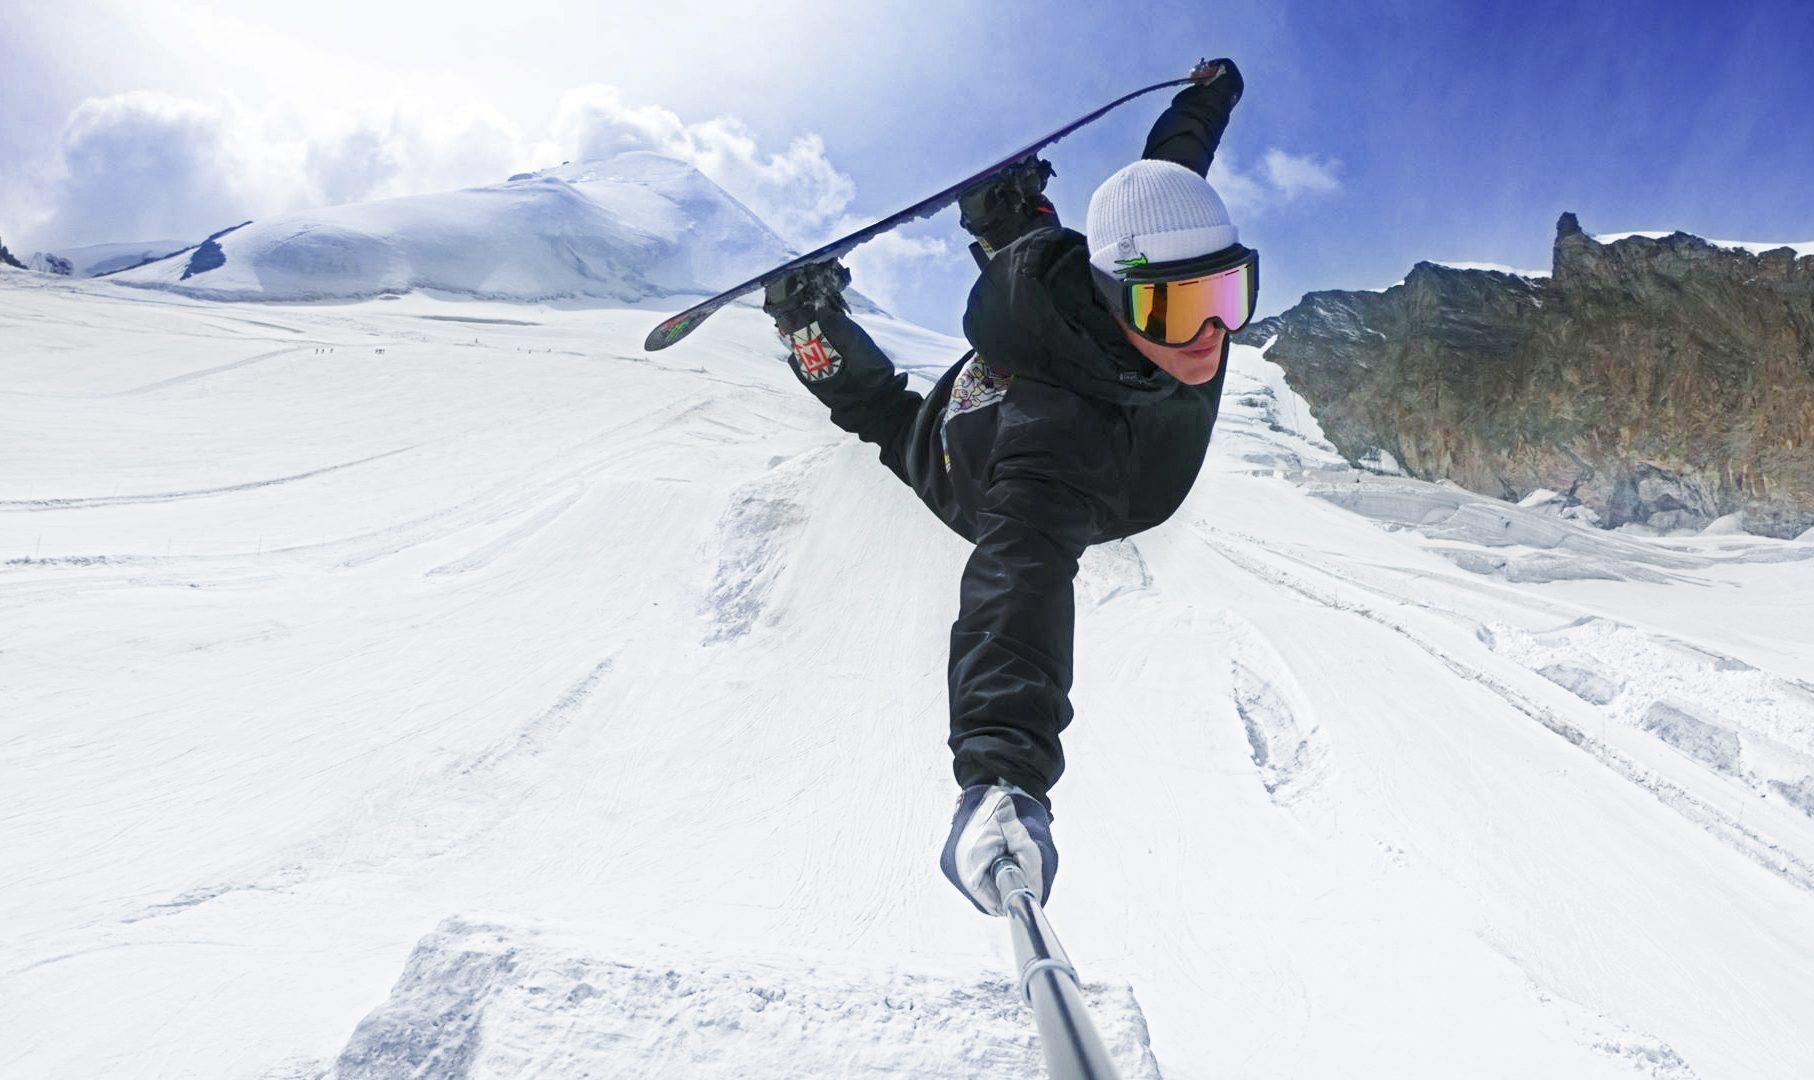 Sven Thorgren Spektrum Sponsorship Sweden Snowboarding